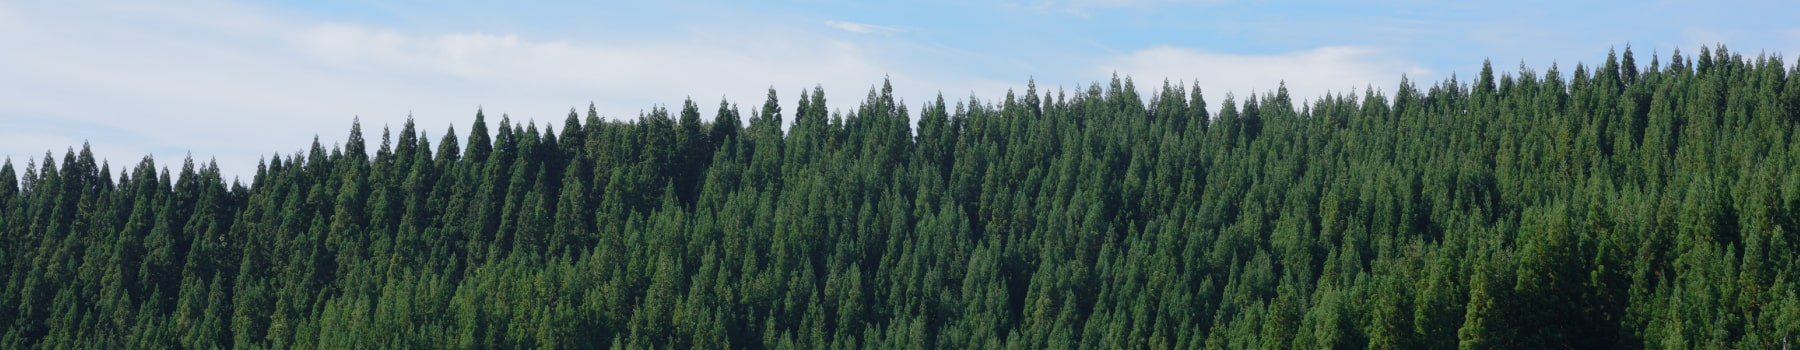 住宅に使用される森林